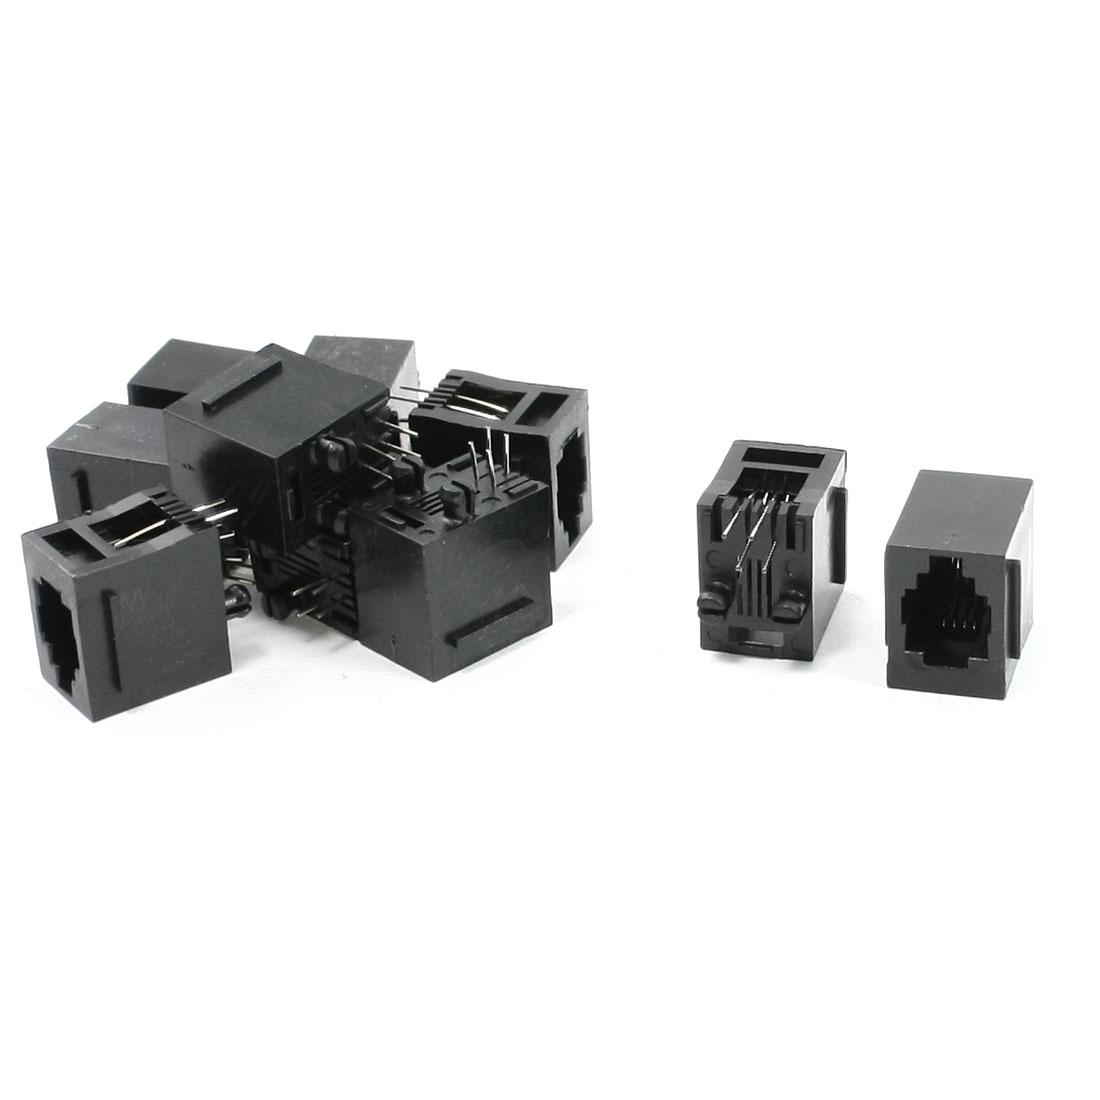 10Pcs RJ9 RJ10 RJ22 4P4C Handset Flat Wire Sockets Vert Jacks 15x11x15mm